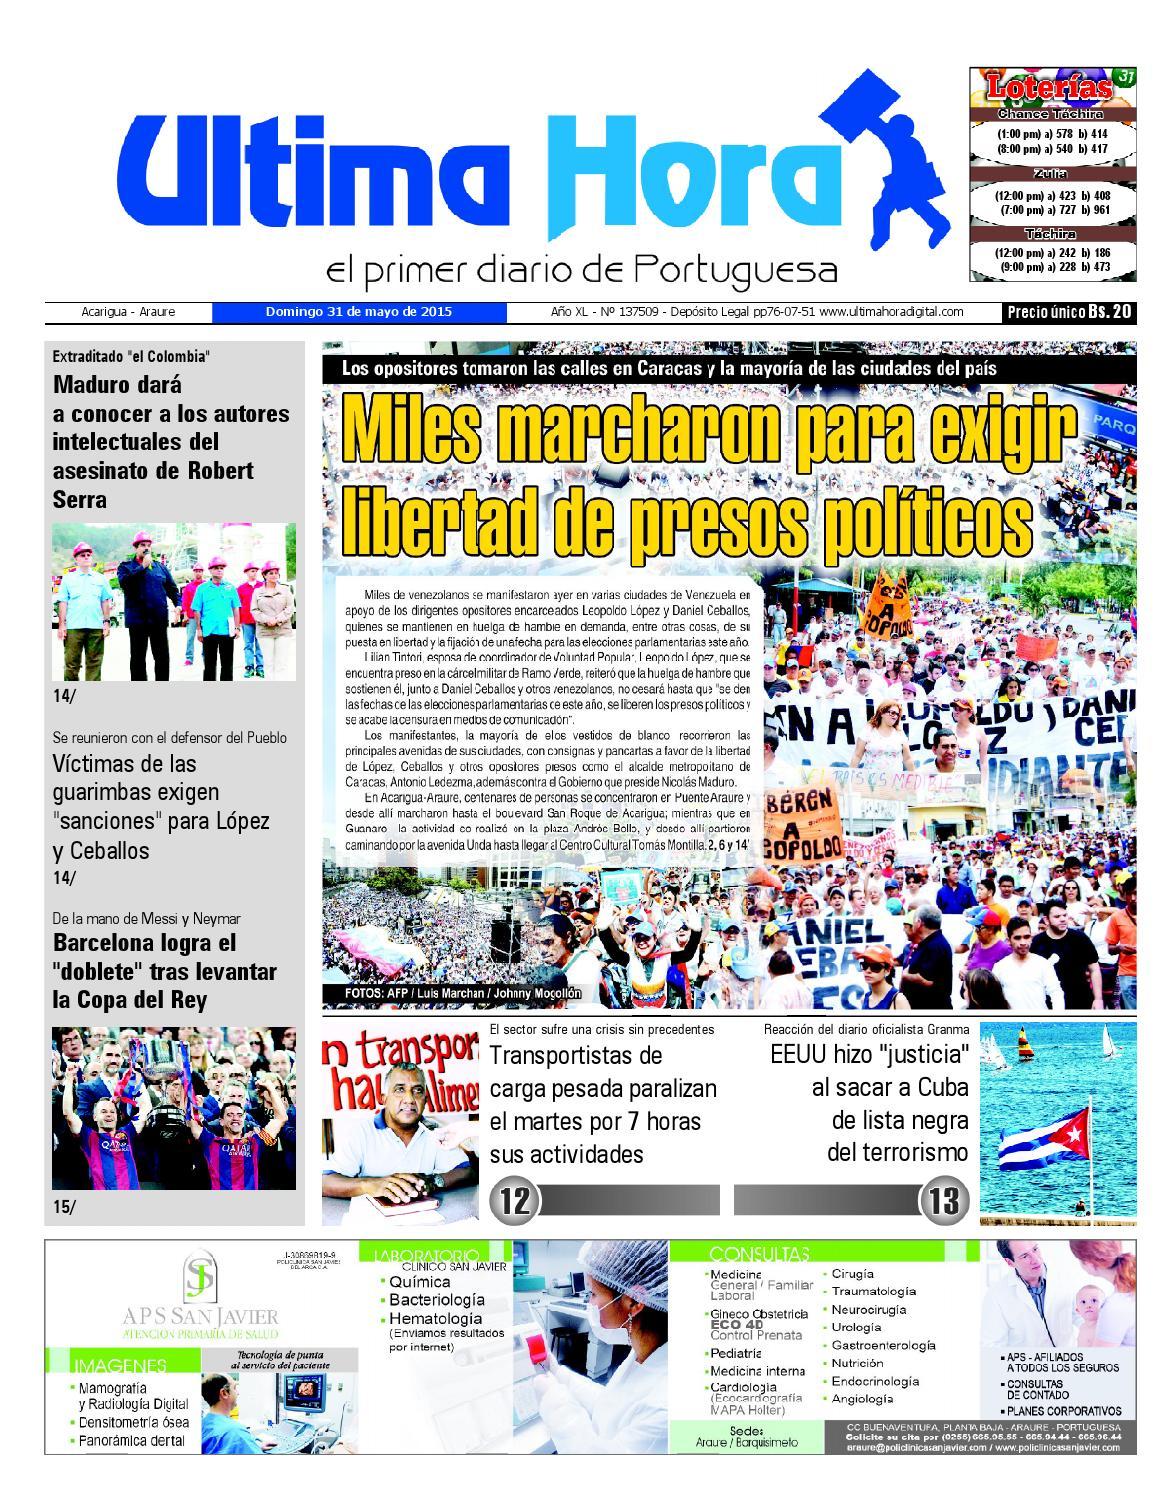 Edicion31 05 2015 by Ultima Hora - El primer diario de Portuguesa ...